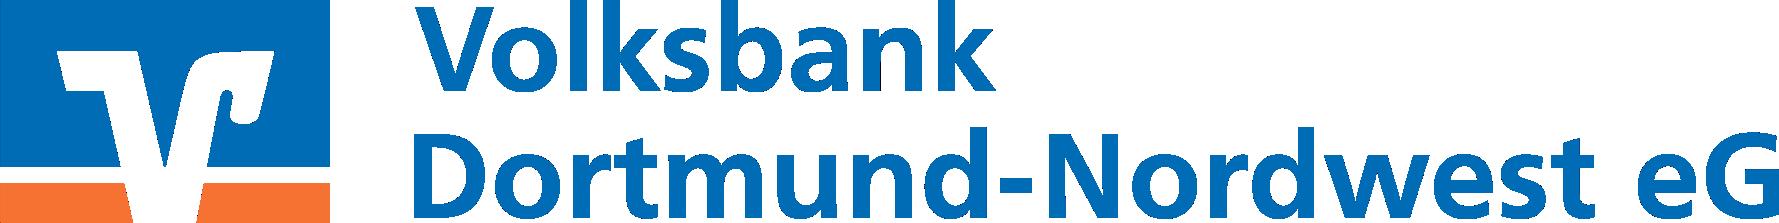 Volksbank Ec Karte Sperren.Volksbank Dortmund Nordwest Eg Ihr Persönlicher Finanzpartner Vor